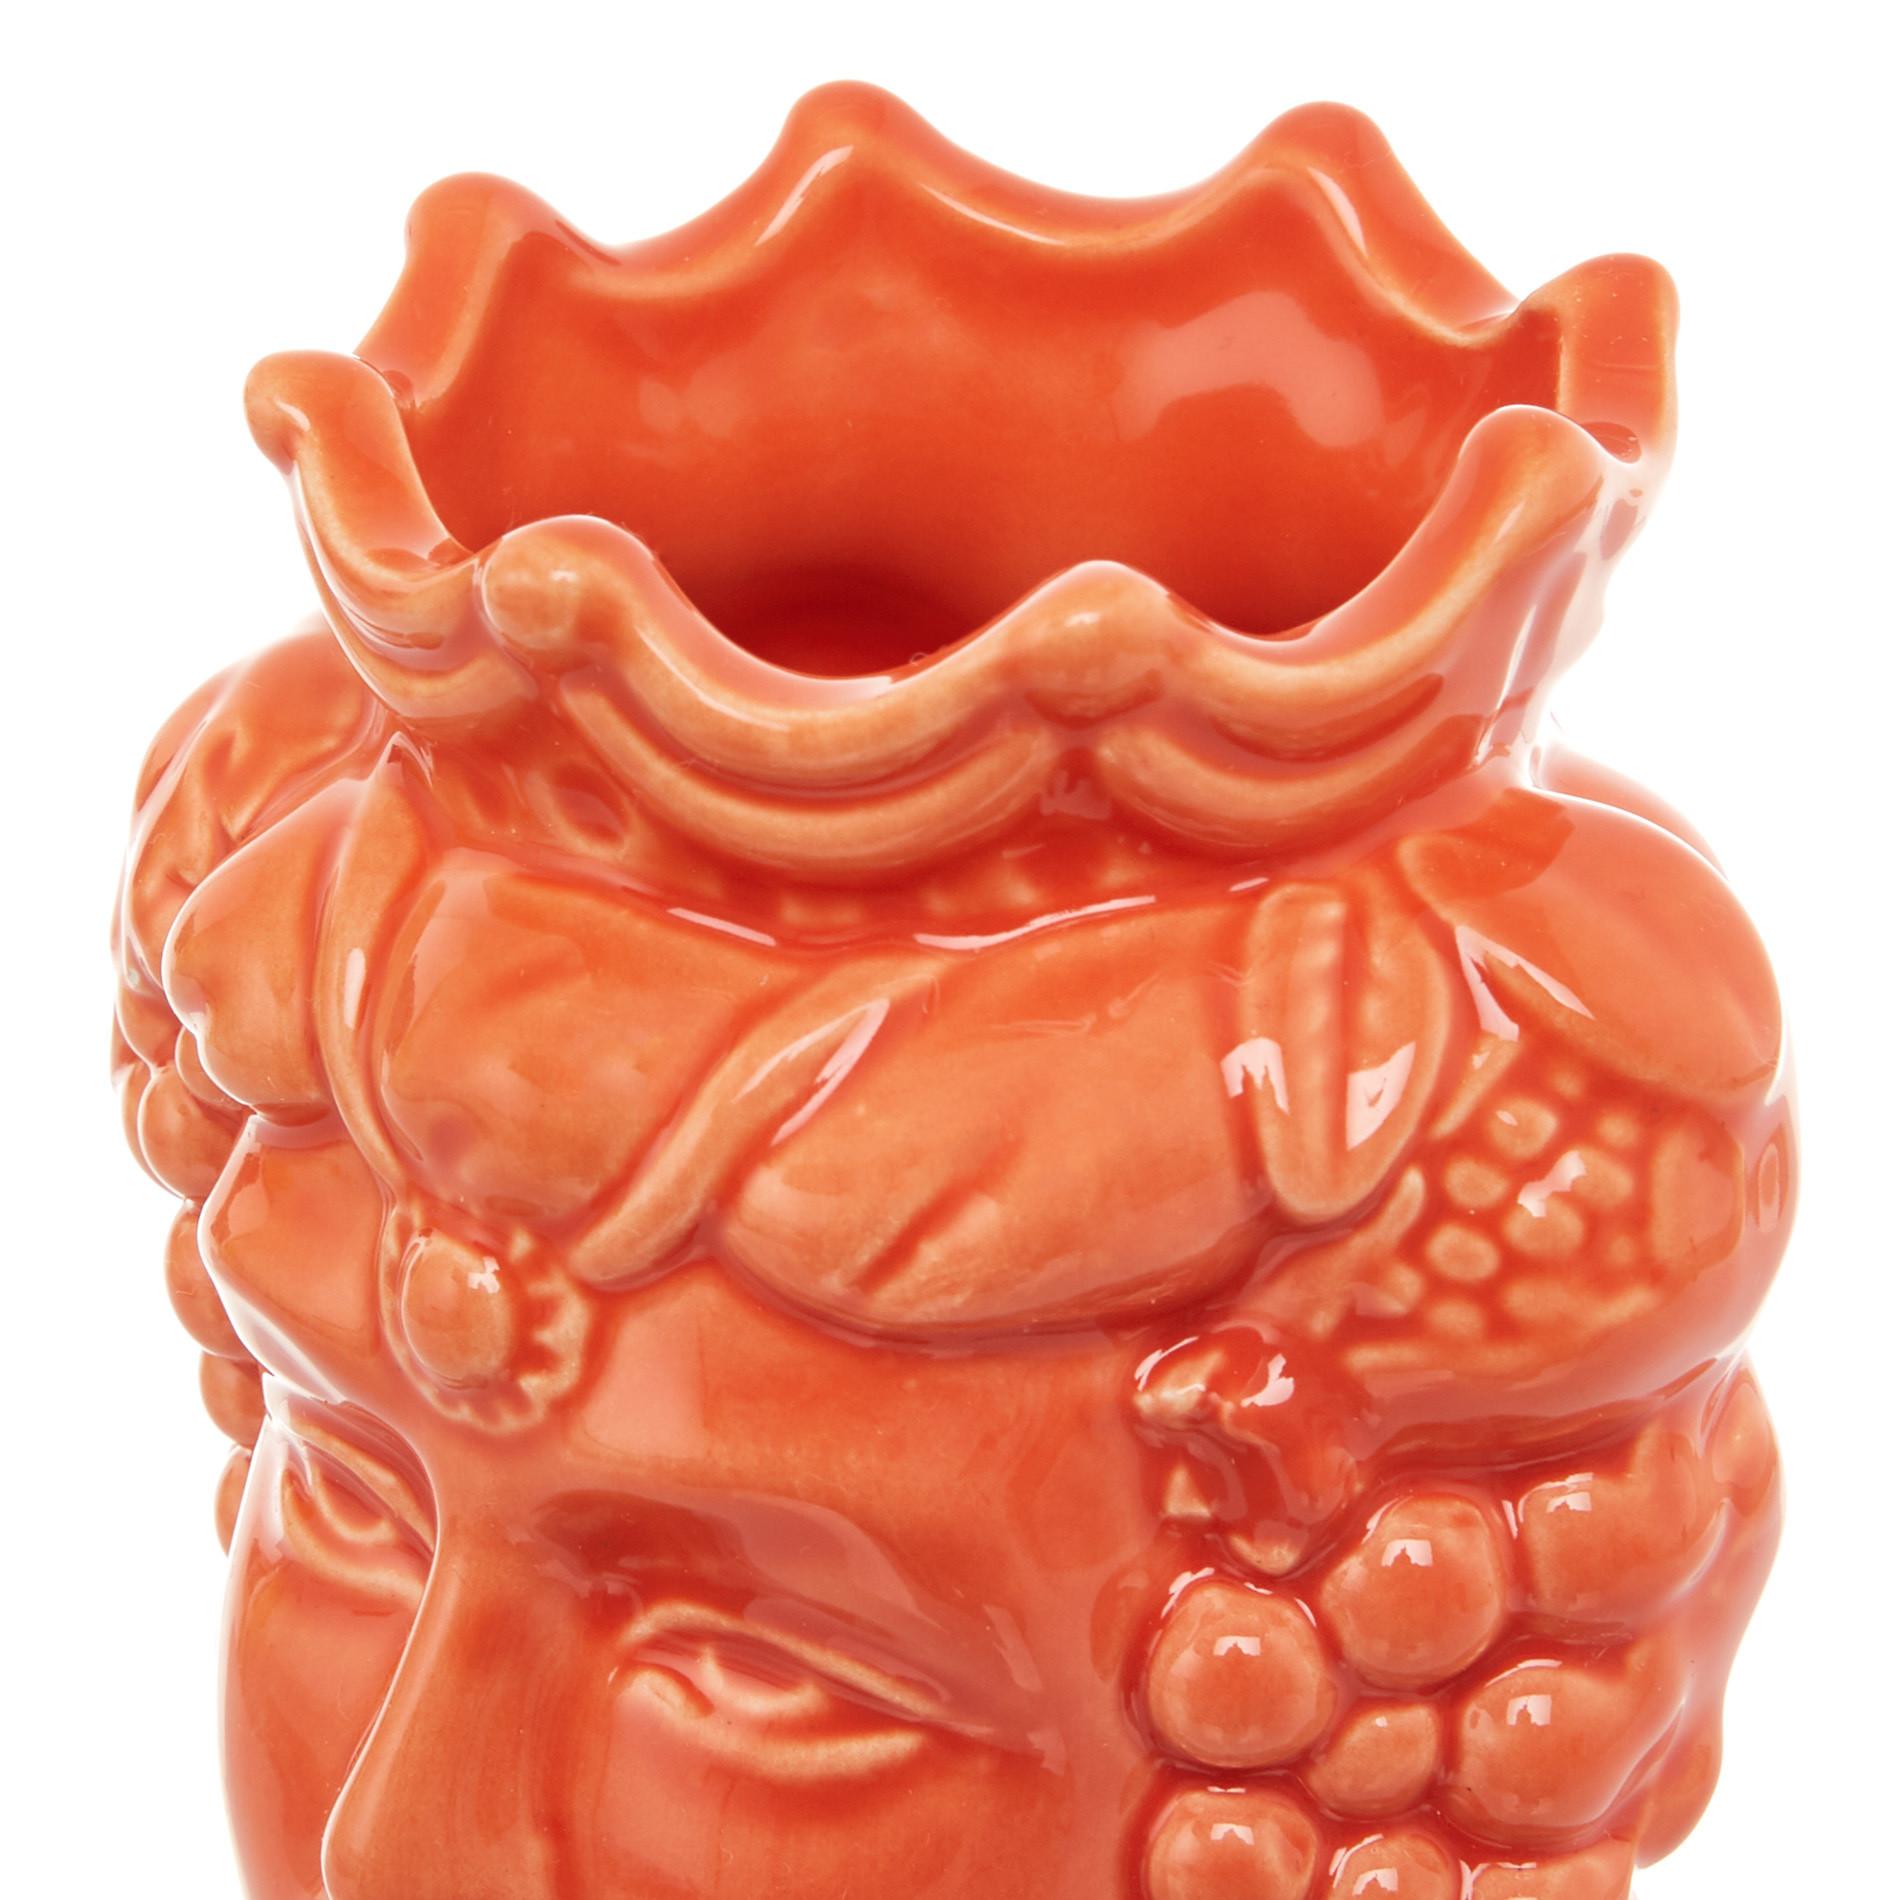 Testa di moro by Ceramiche Siciliane Ruggeri, Arancione, large image number 4